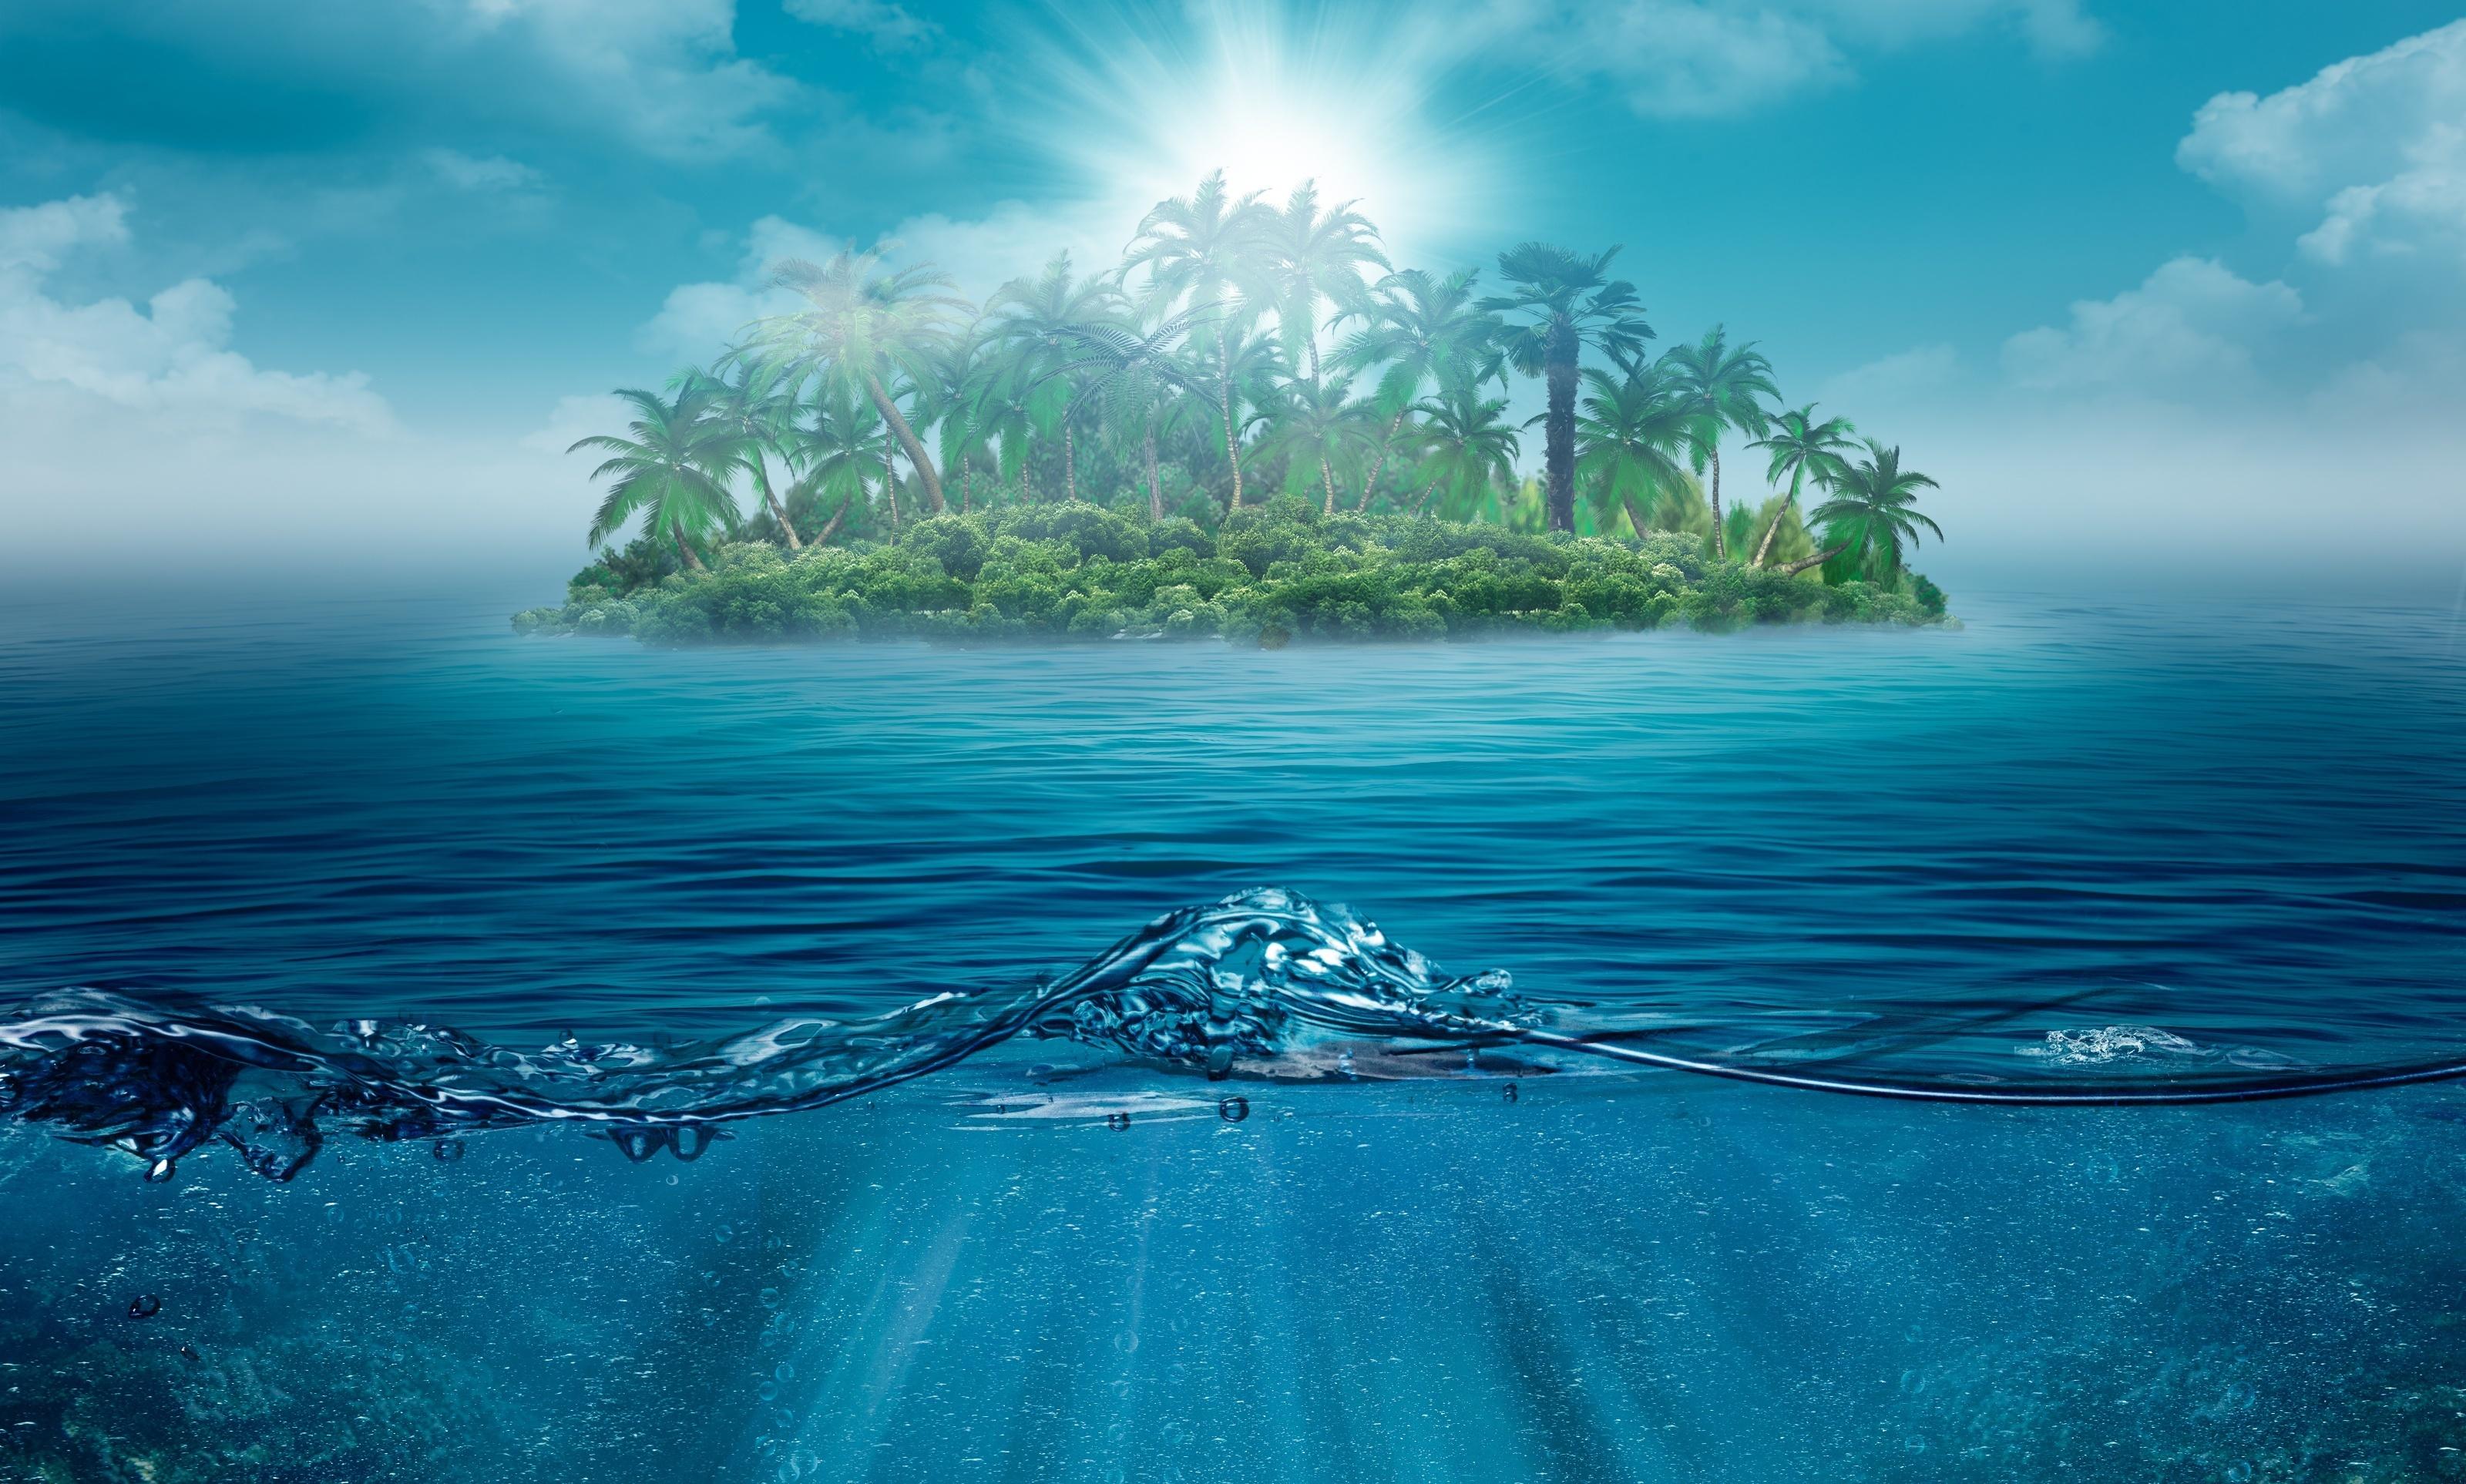 23047 скачать обои Пейзаж, Море, Волны, Пальмы - заставки и картинки бесплатно